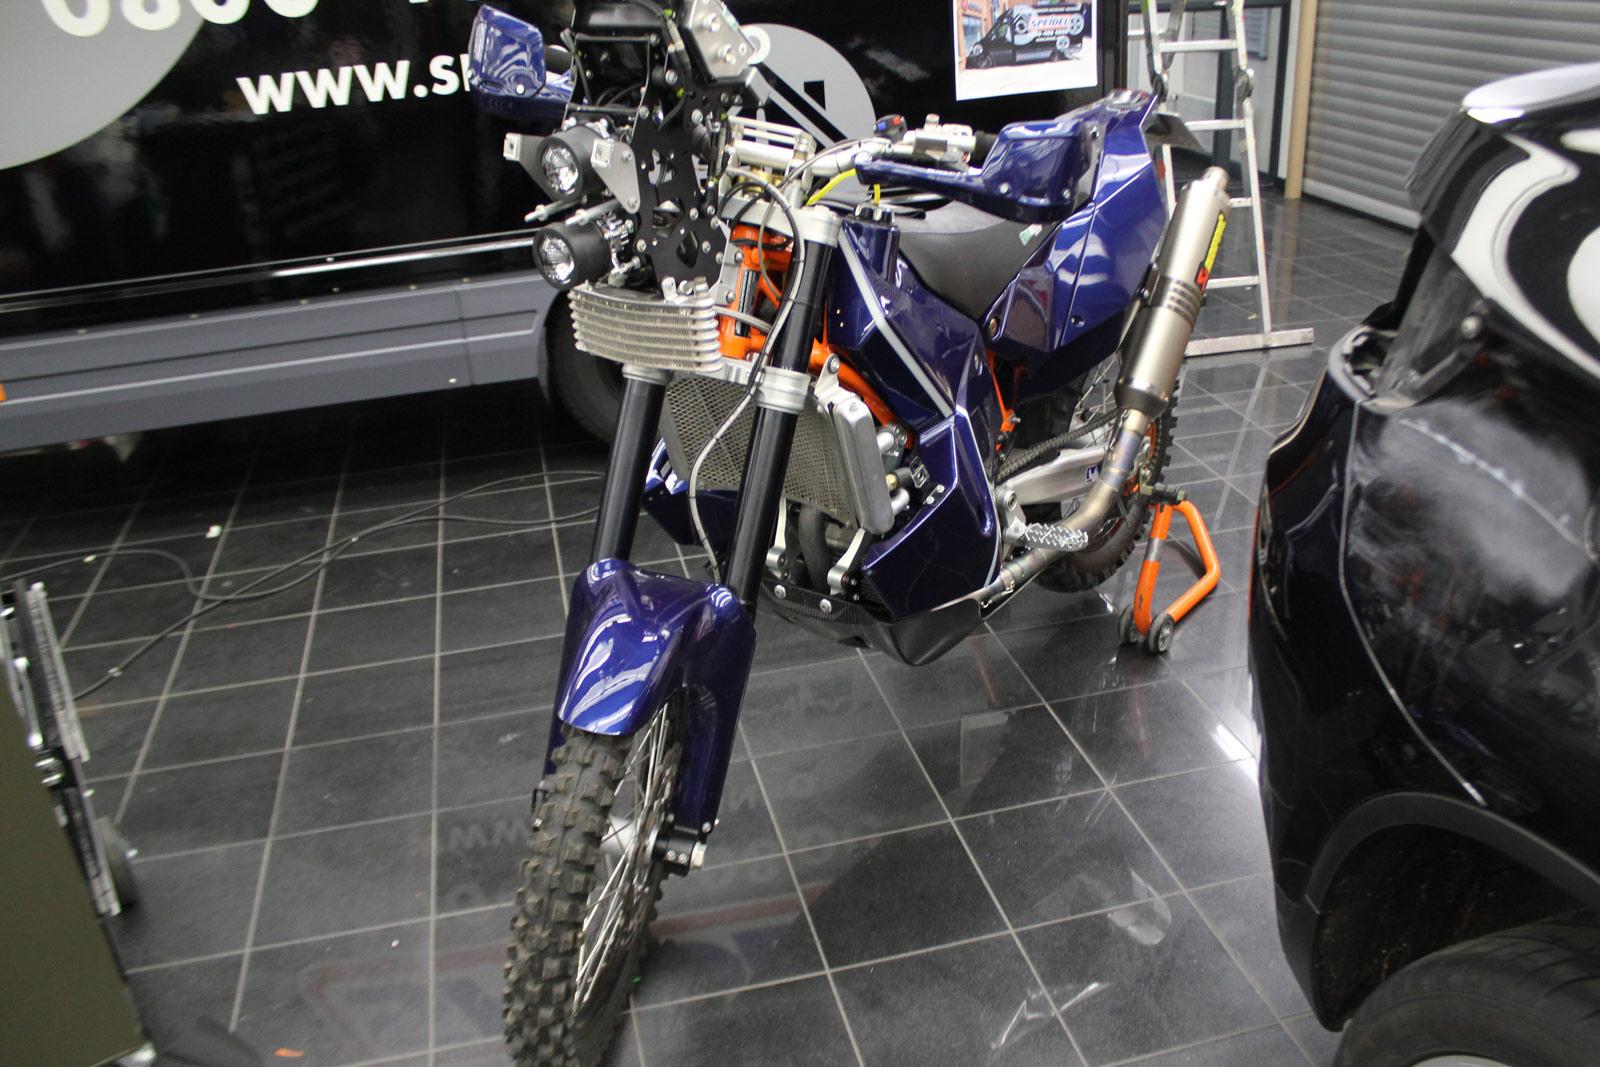 REDBULL_KTM_MOTORRAD_FOLIERUNG_08